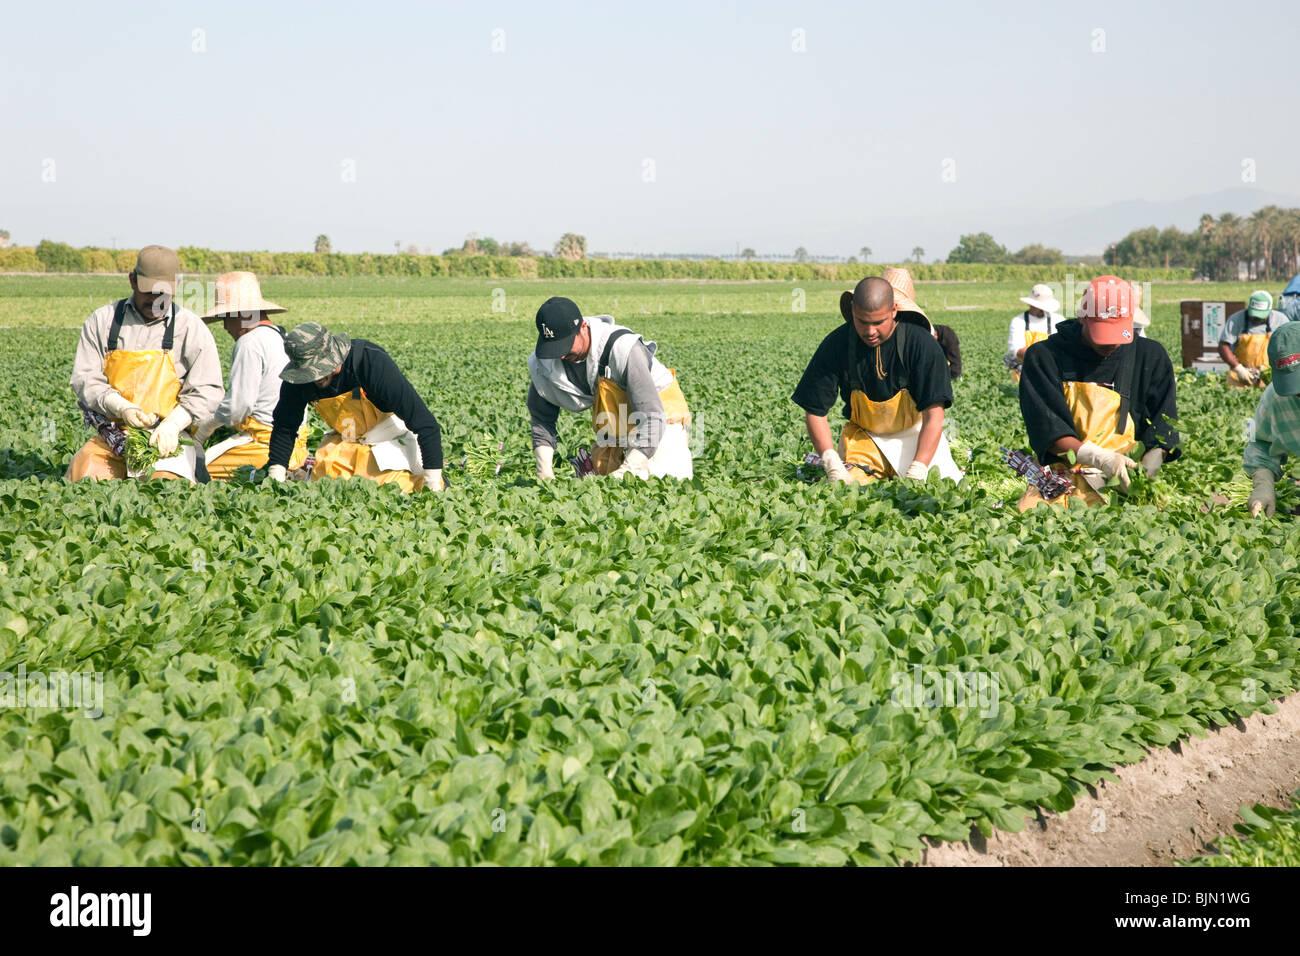 La espinaca, los trabajadores la cosecha. Imagen De Stock